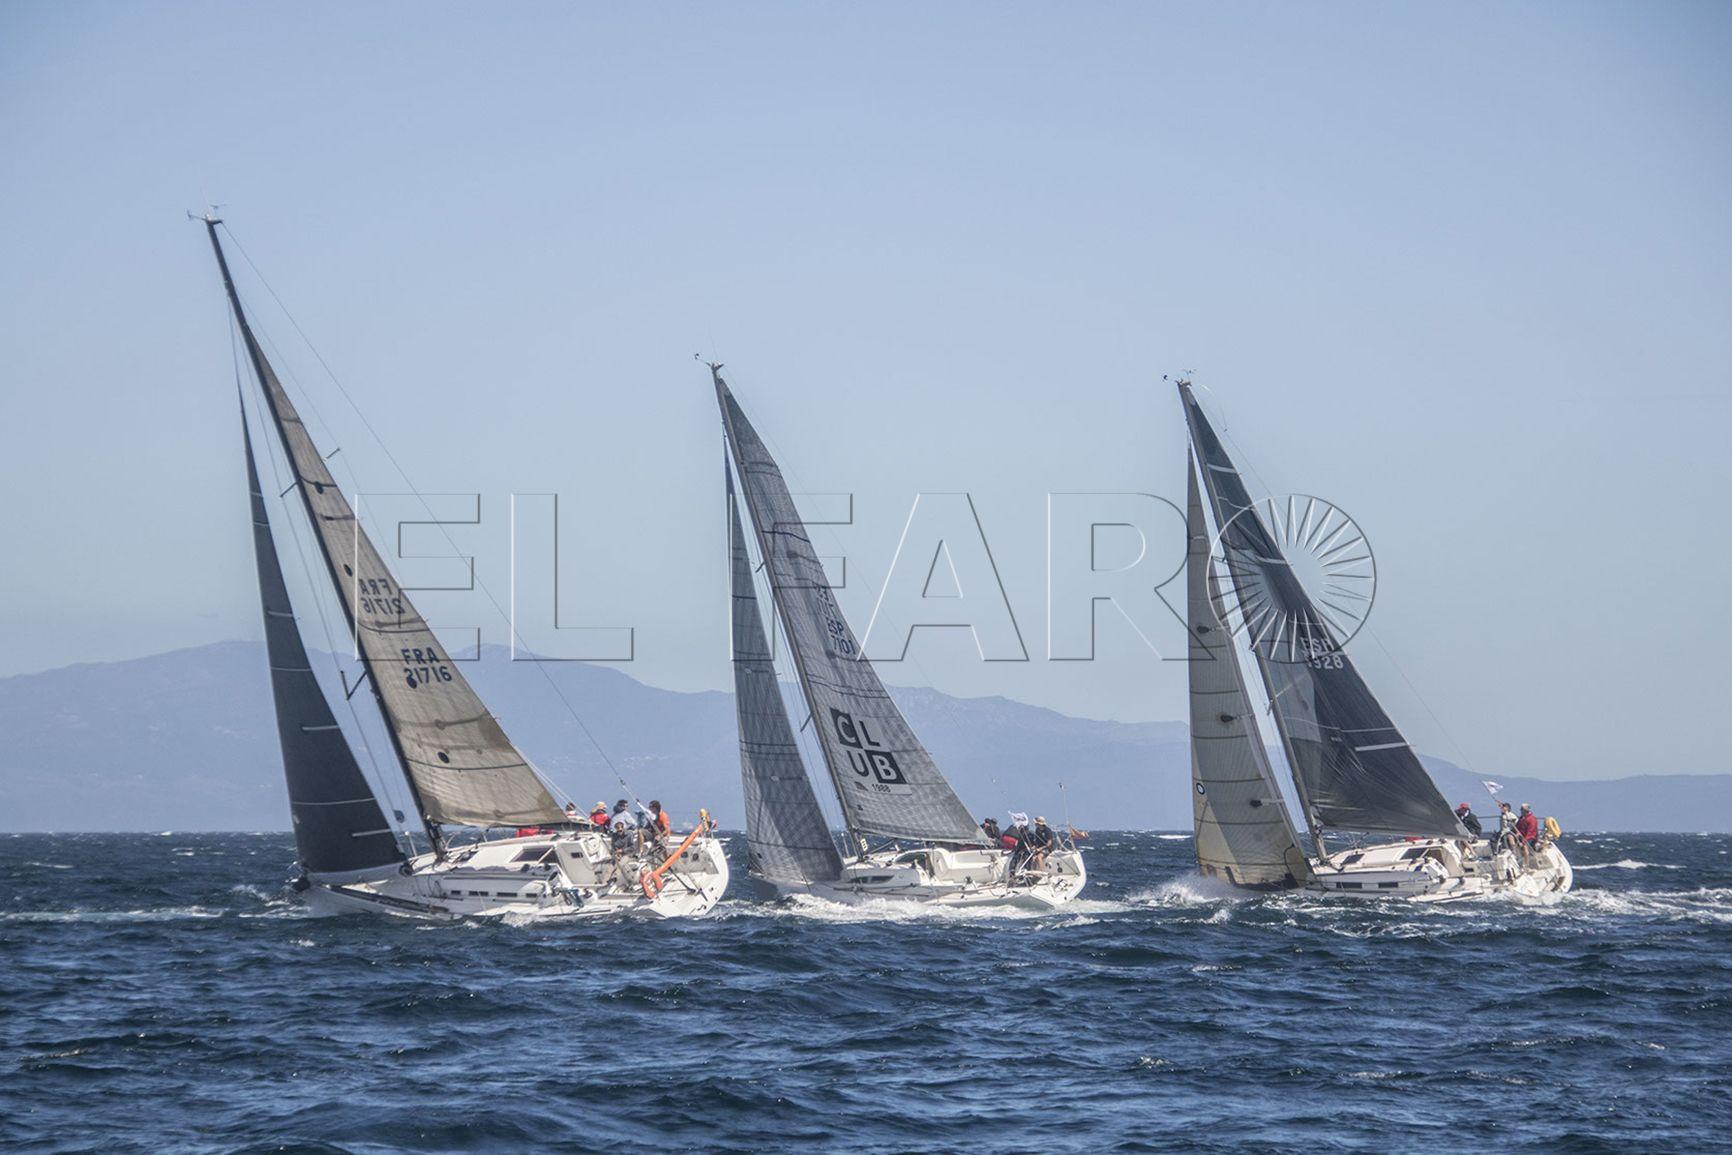 La vela unirá el sábado Algeciras, Tarifa y Ceuta